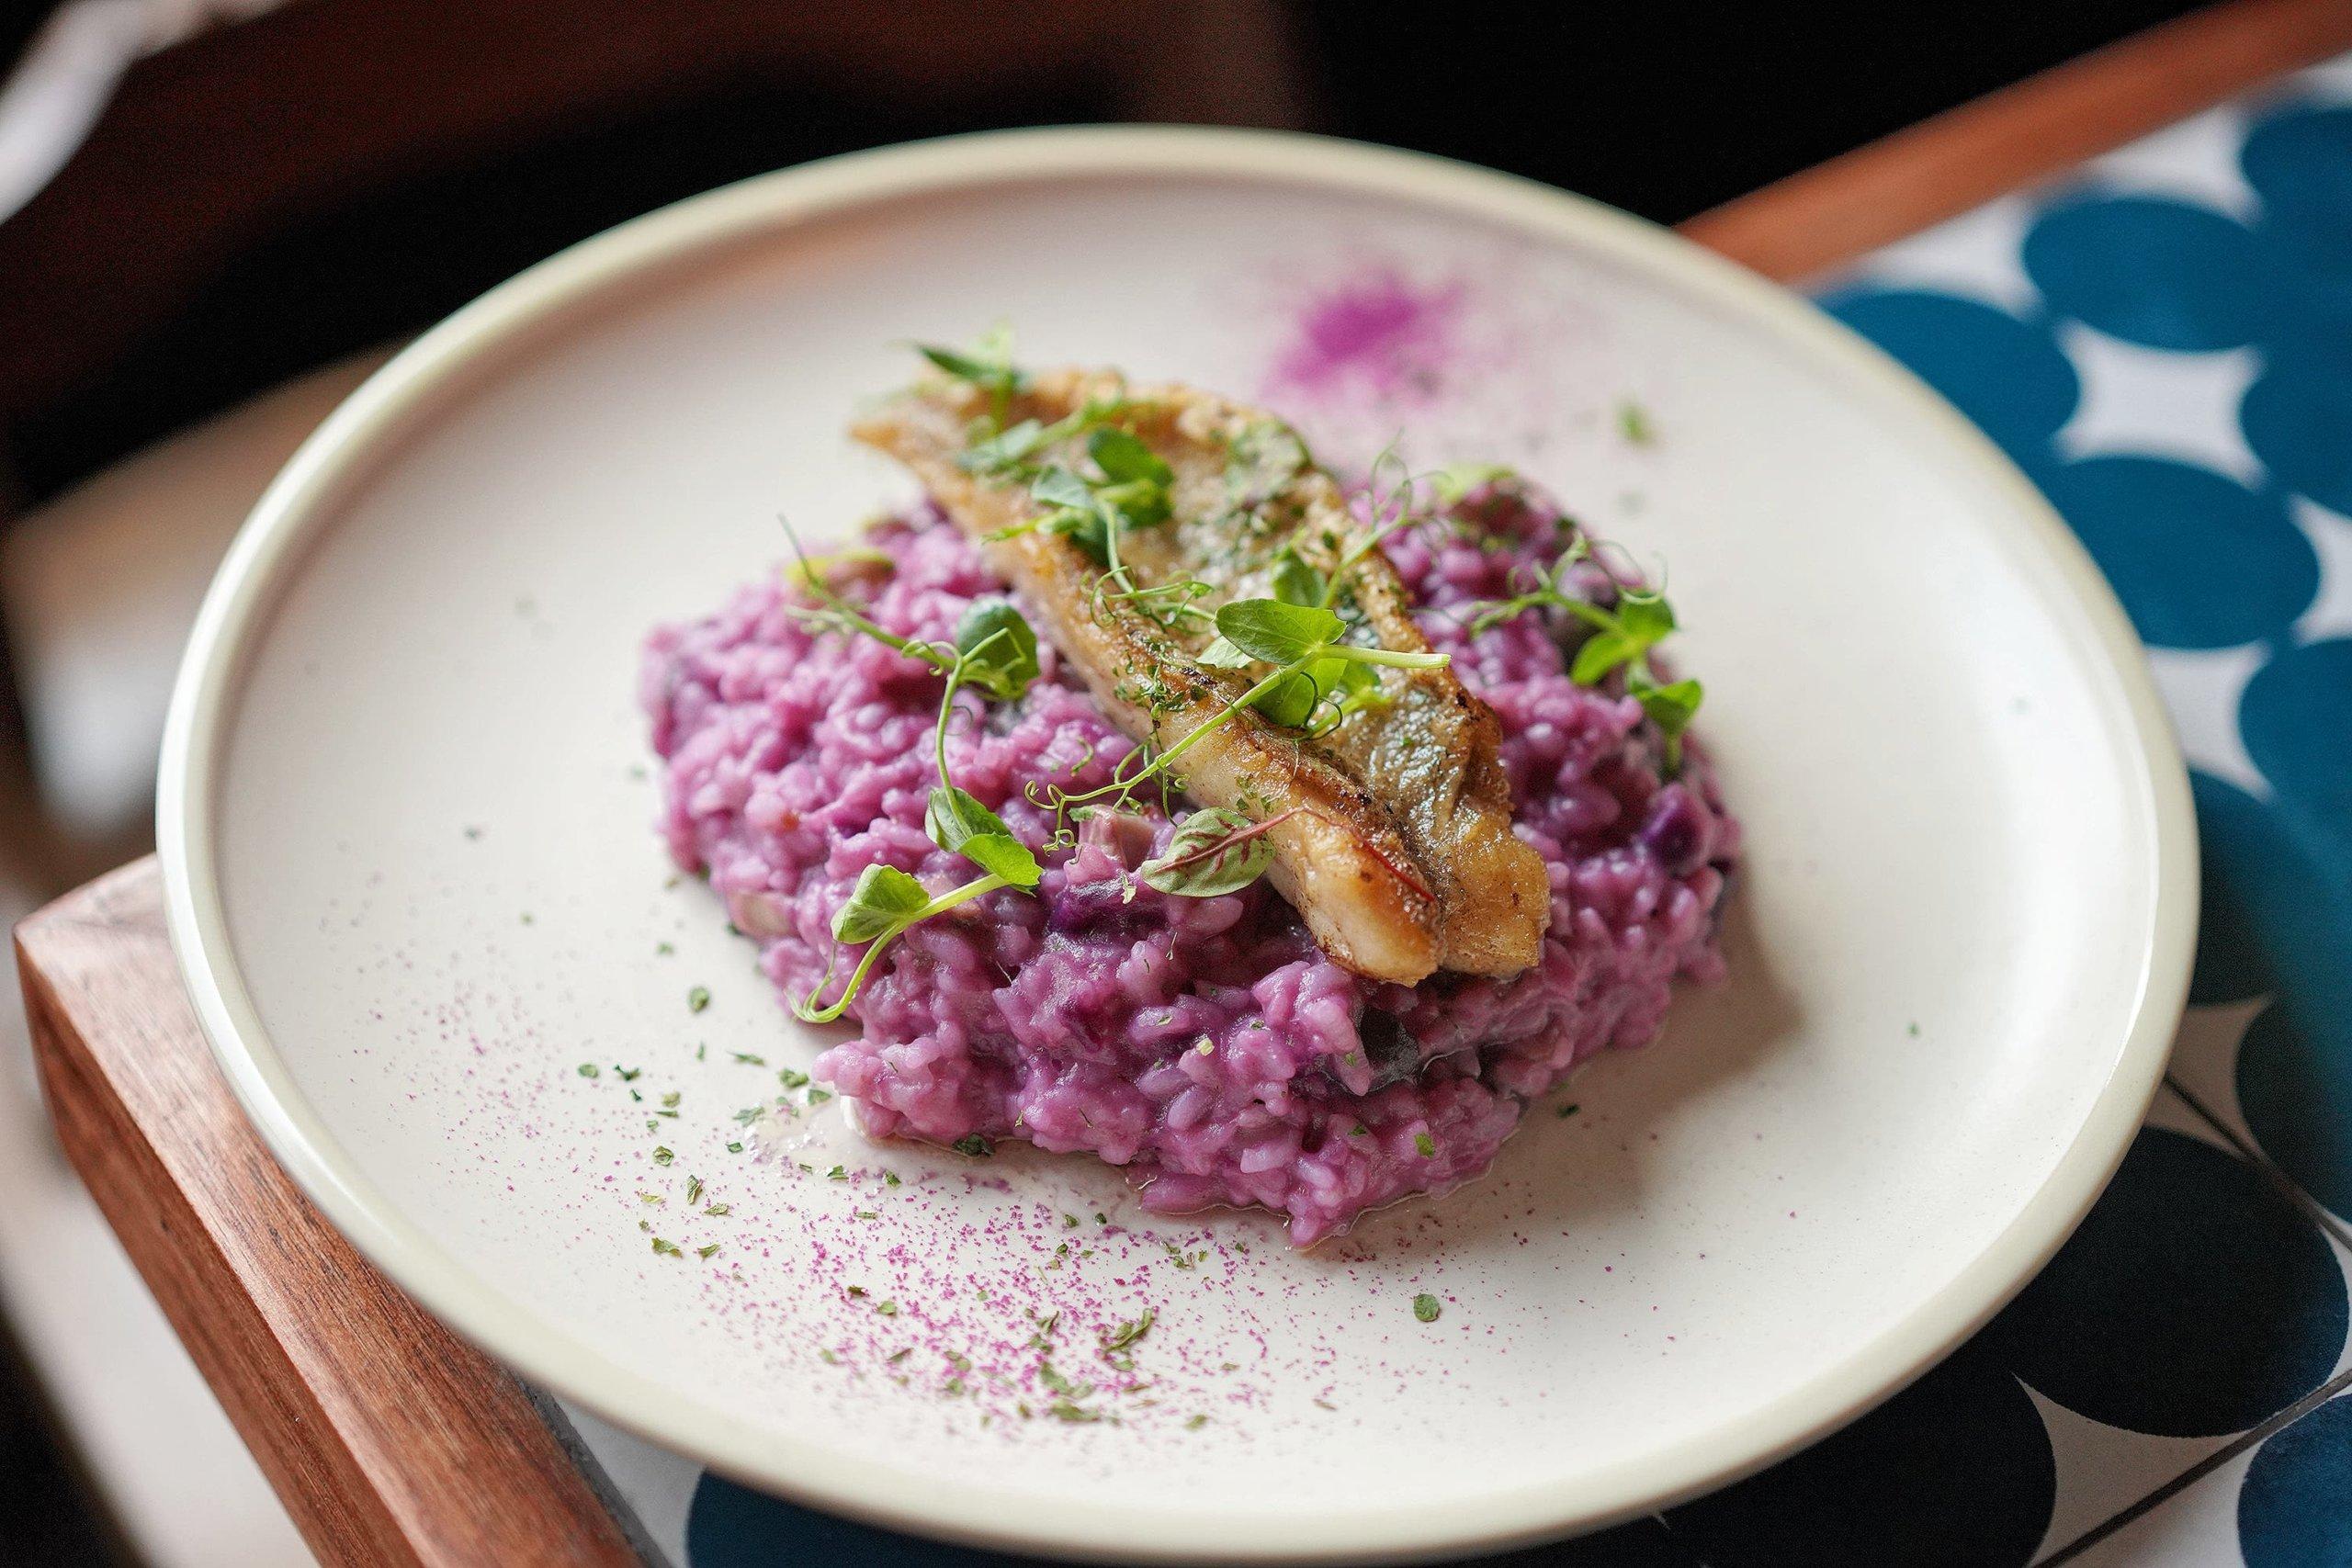 野菌紫薯飯配香煎石班魚